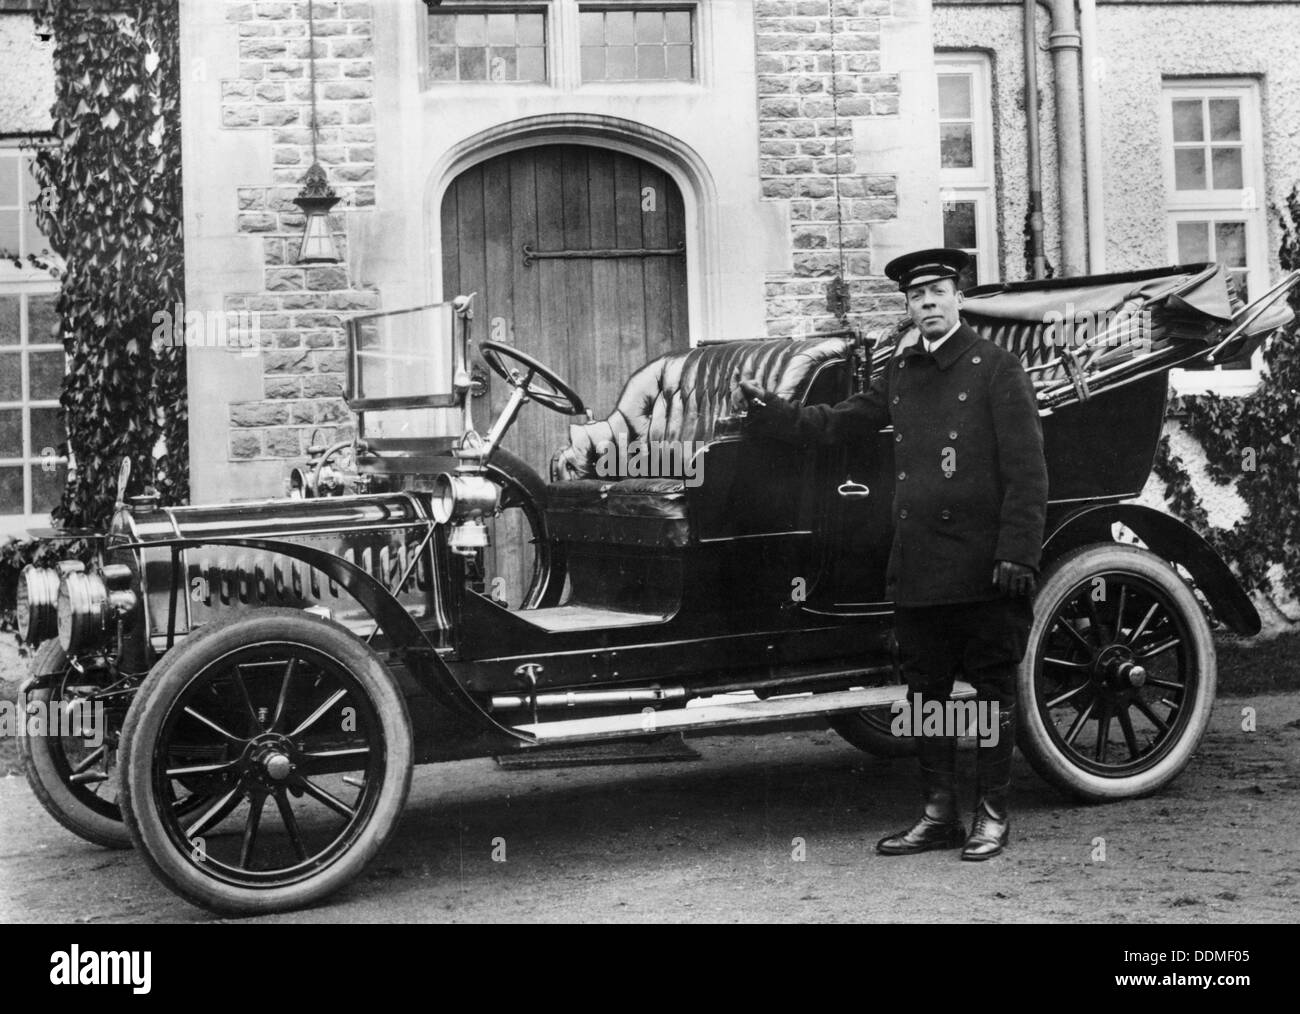 1908 De Dion Bouton model. - Stock Image